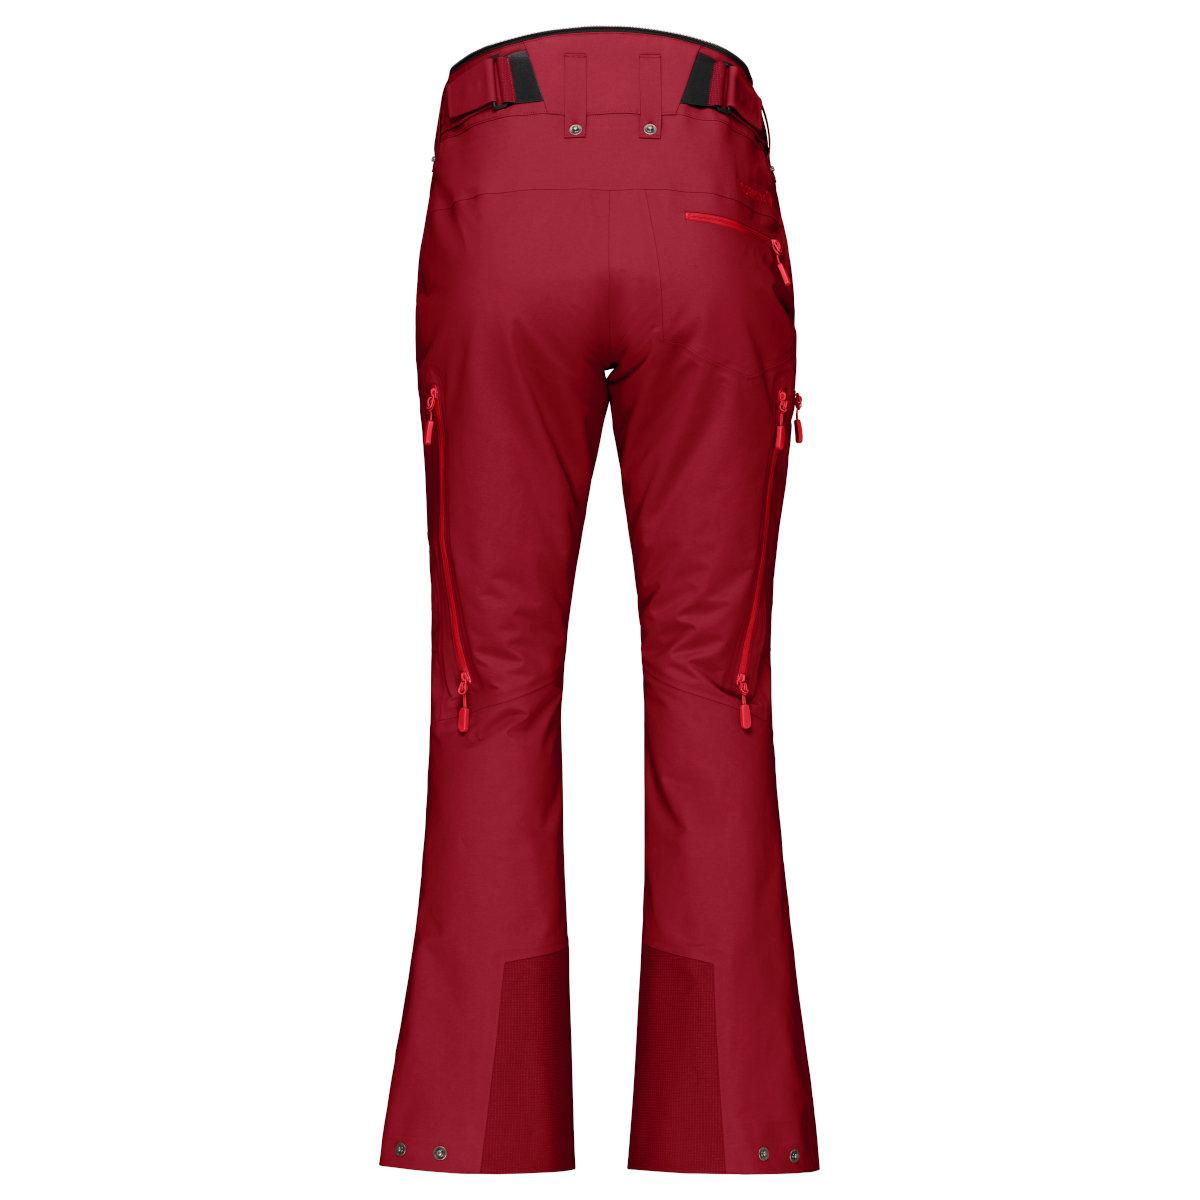 Norrona lofoten Gore-Tex Pants Women - Rhubarb